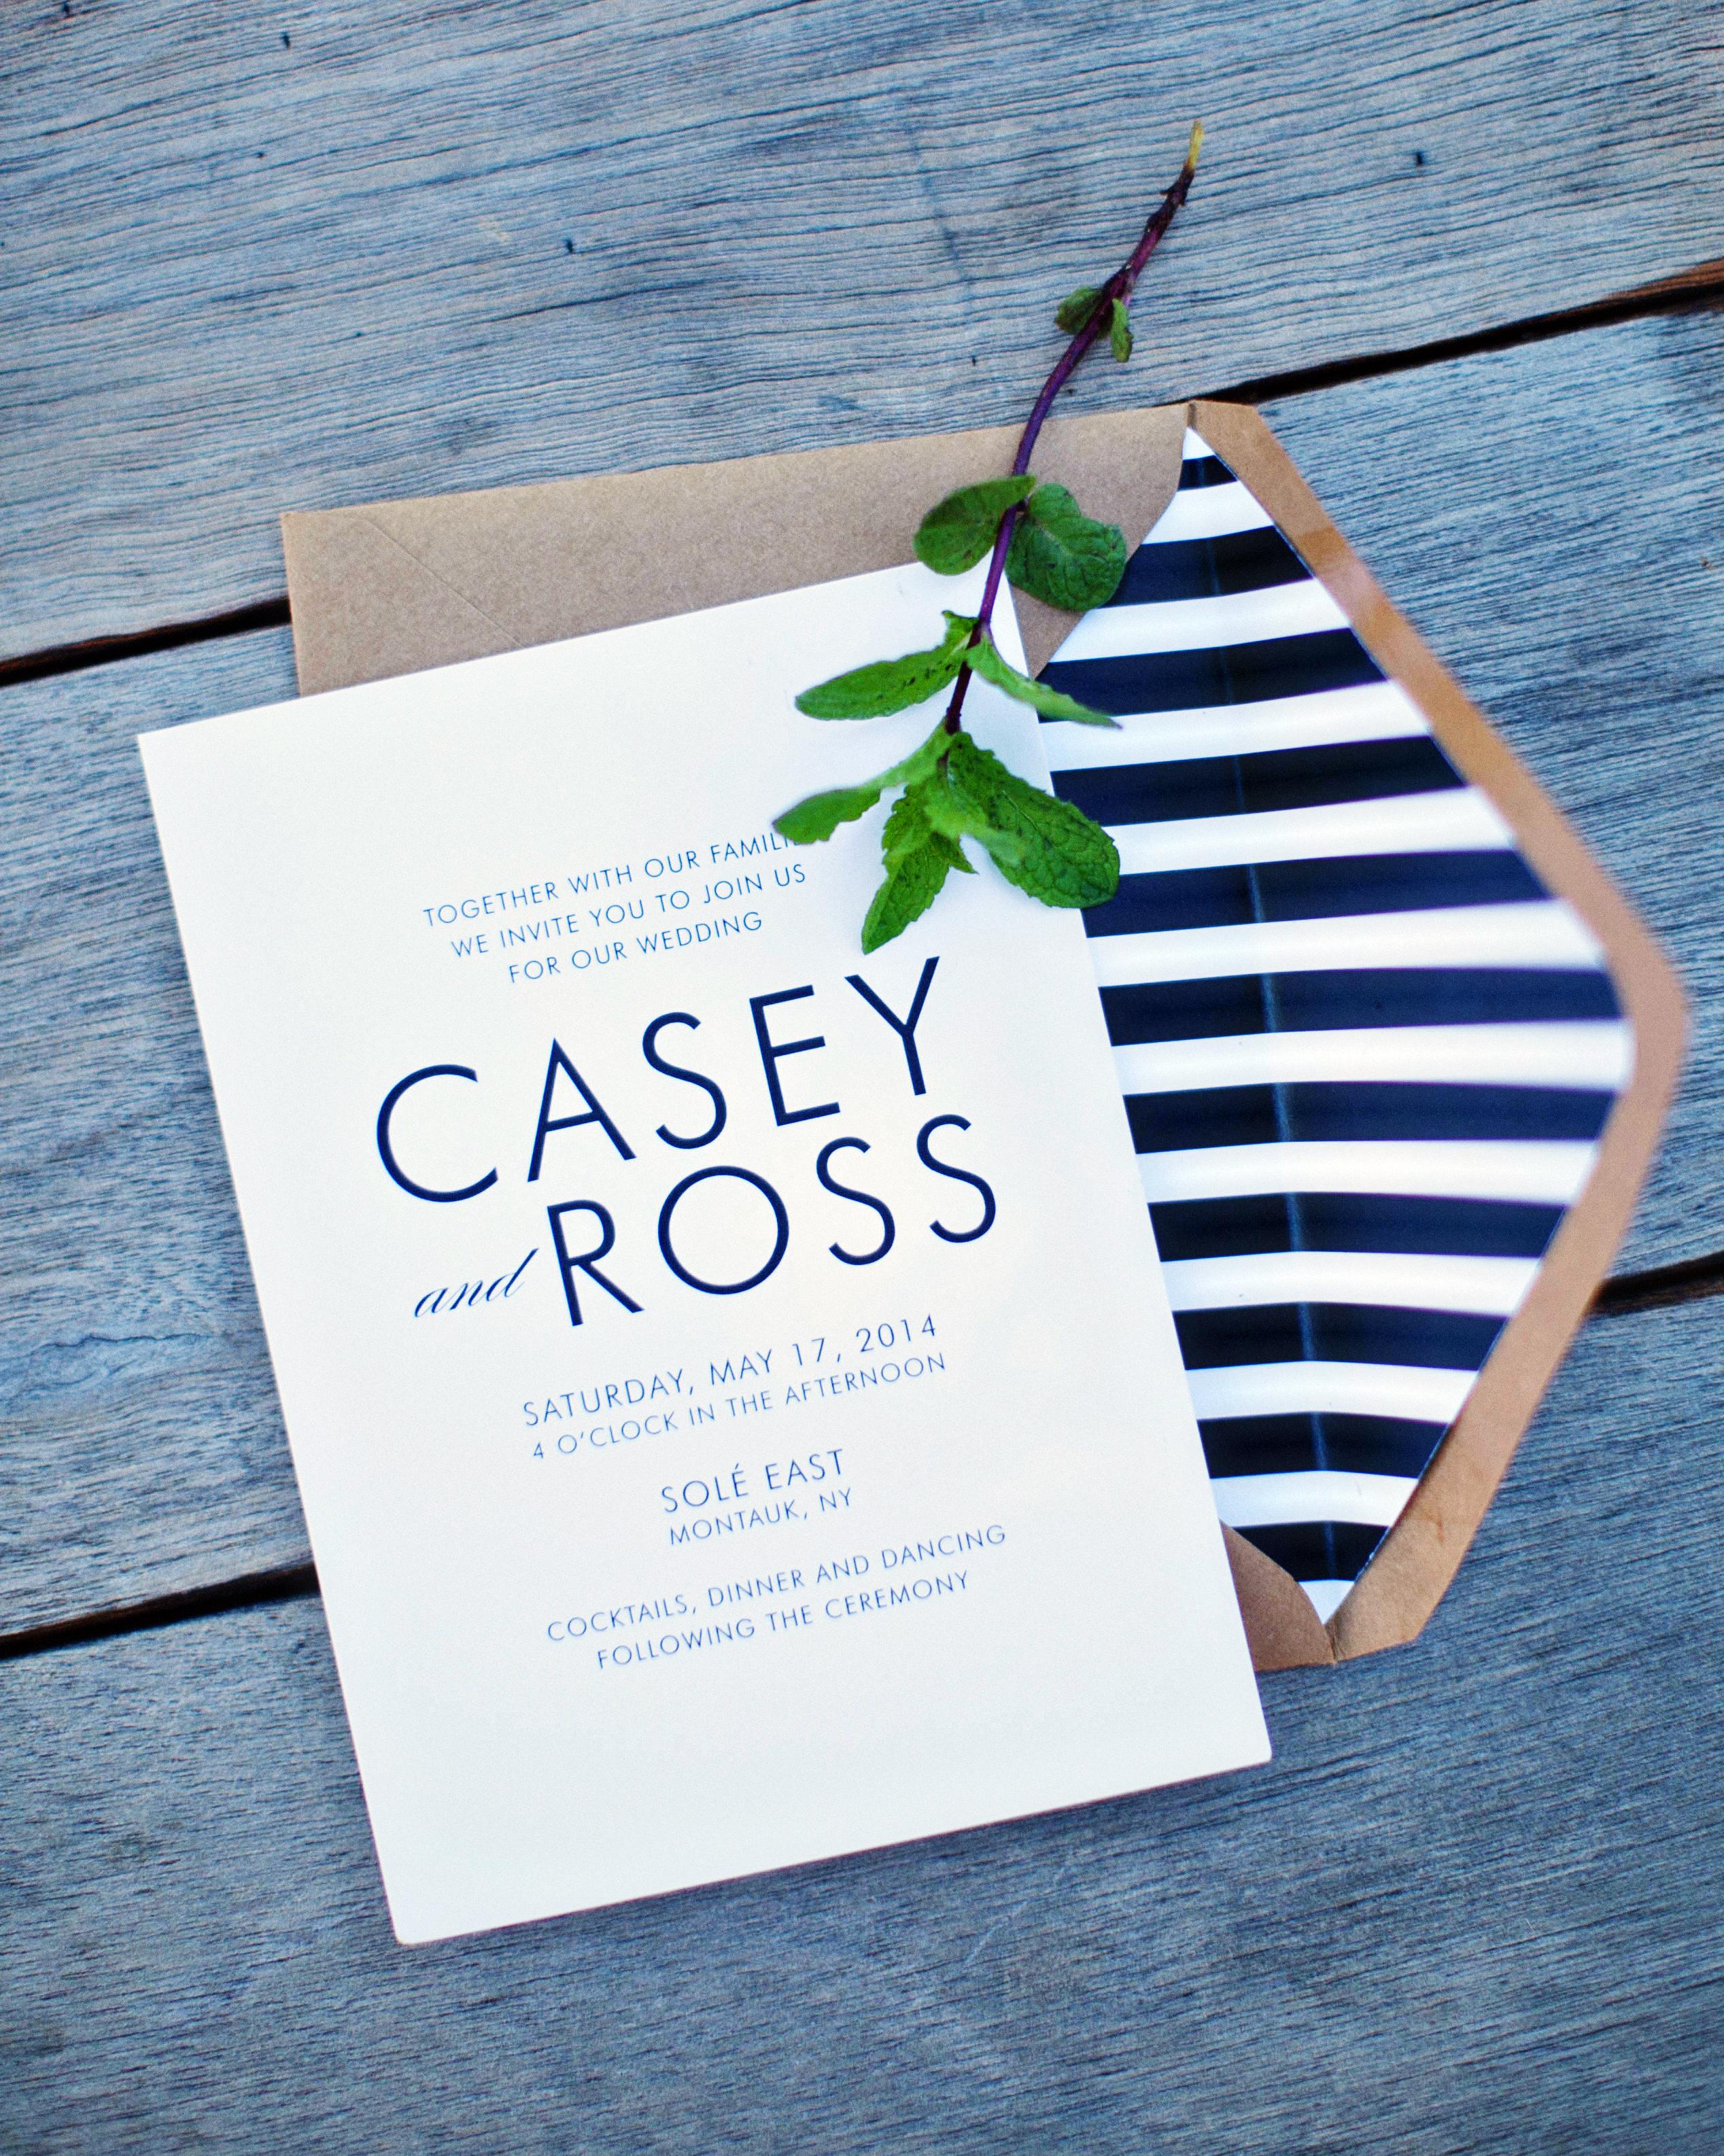 casey-ross-wedding-invite-043-s111514-1114.jpg